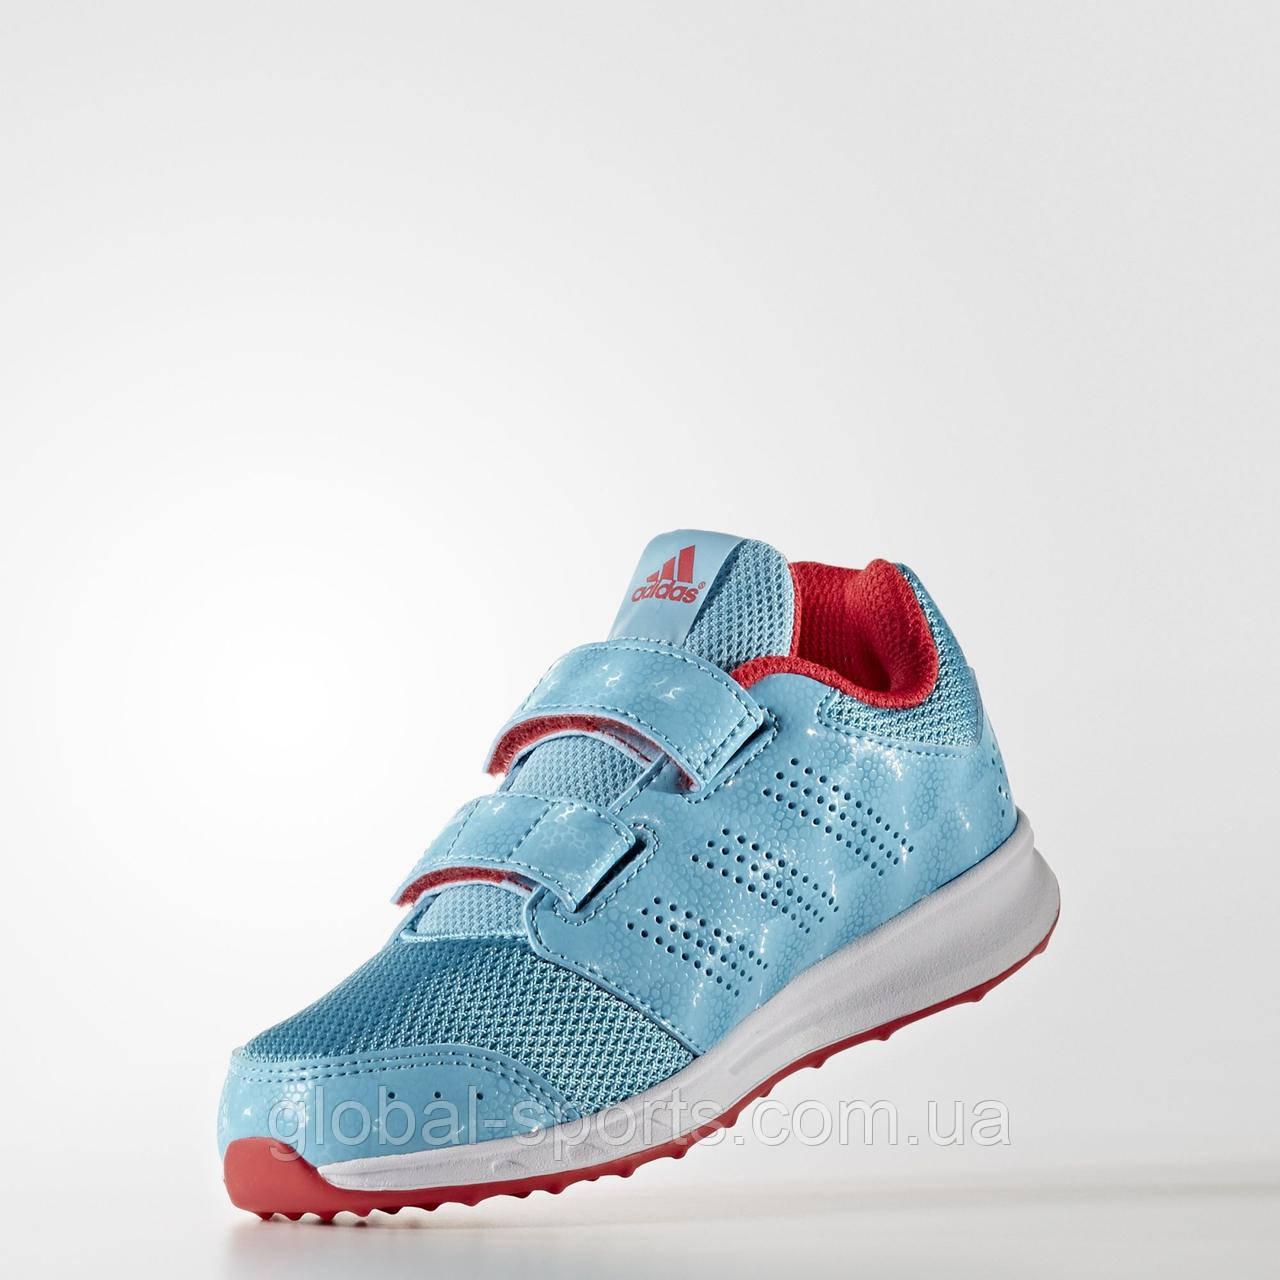 2660f8a6 Детские кроссовки Adidas Sport 2 CF Kids( Артикул: AQ3729) - магазин Global  Sport